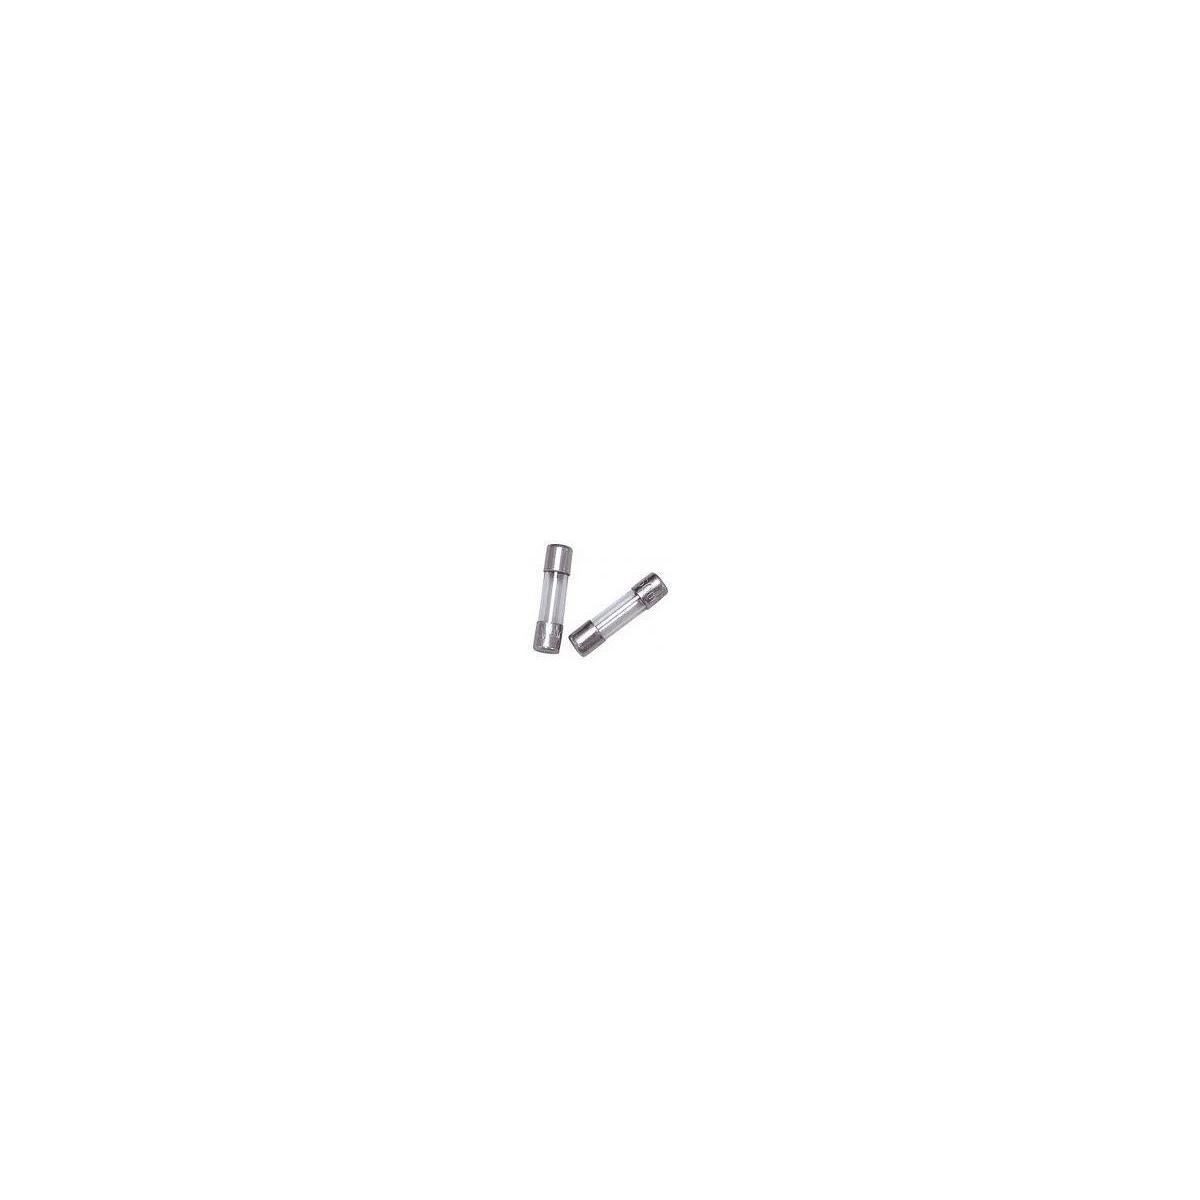 FUSIVEL - F RAPIDO 5X20MM (PACOTE COM 10 UNIDADES )-   9A